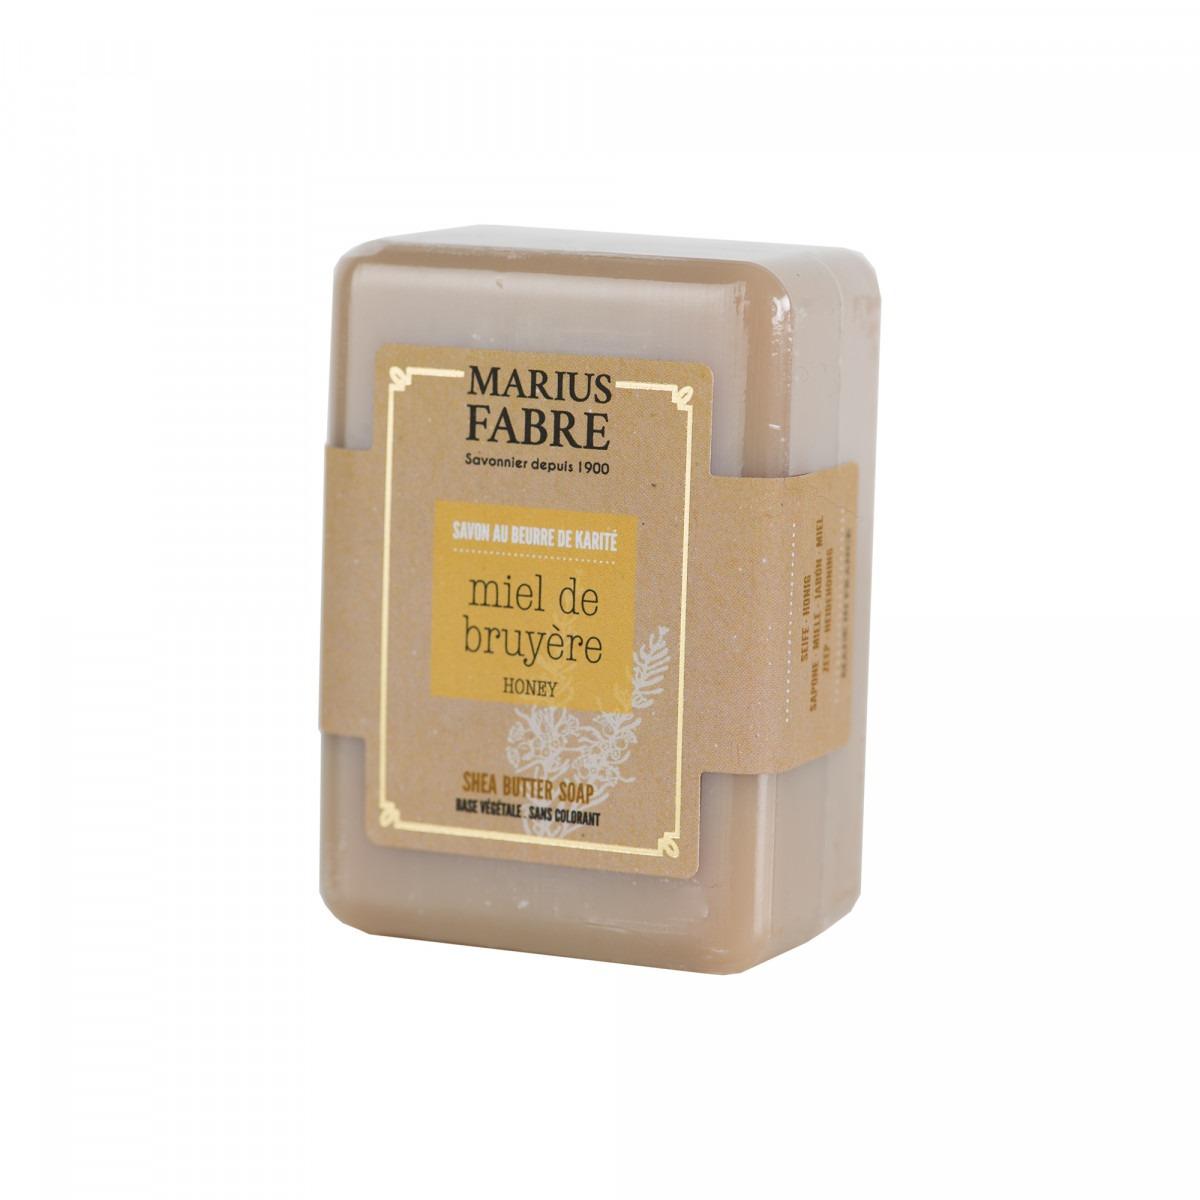 Marius Fabre Honey soap 150g